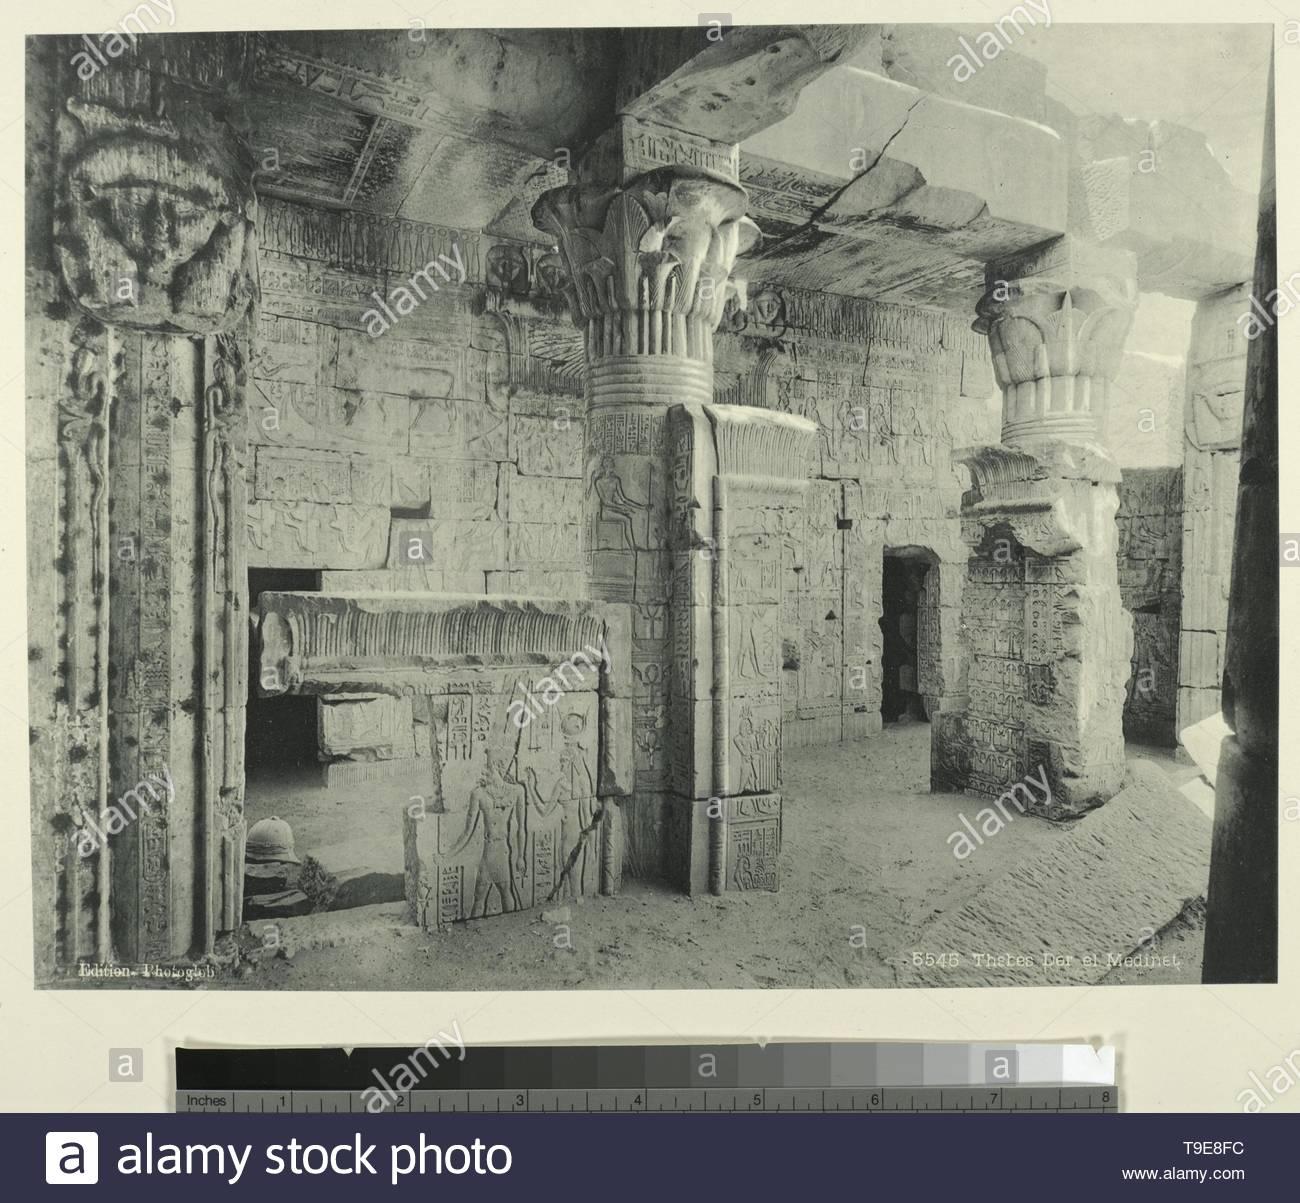 Schroeder&amp,Cie-Thèbes Der el Medinet [Dayr al-Madinah Site] - Stock Image